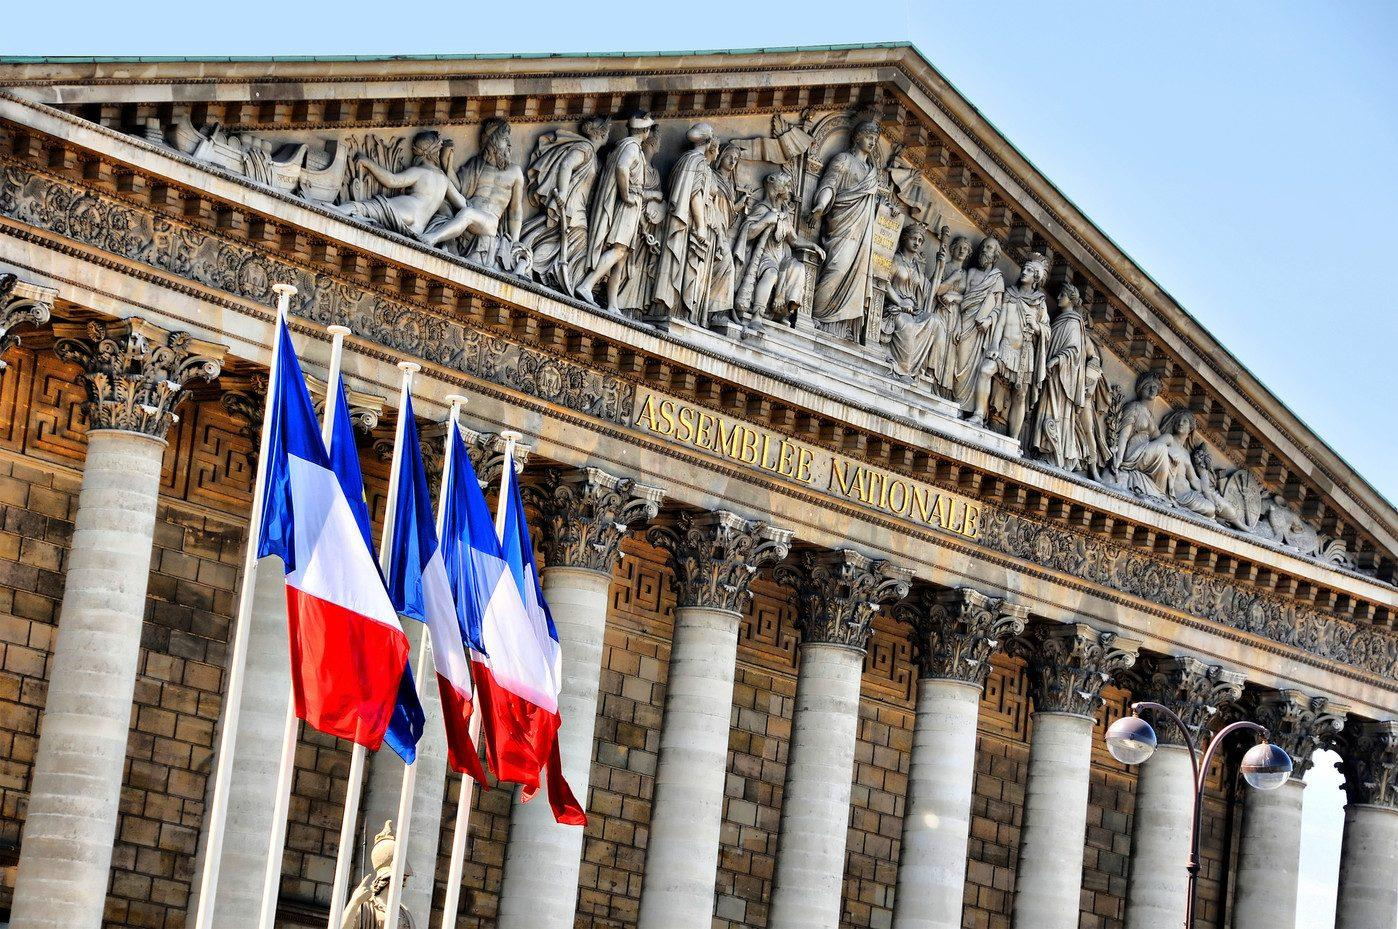 الجمعية الوطنية الفرنسية تقر تدابير الحدّ من الموجة الوبائيّة الثالثة